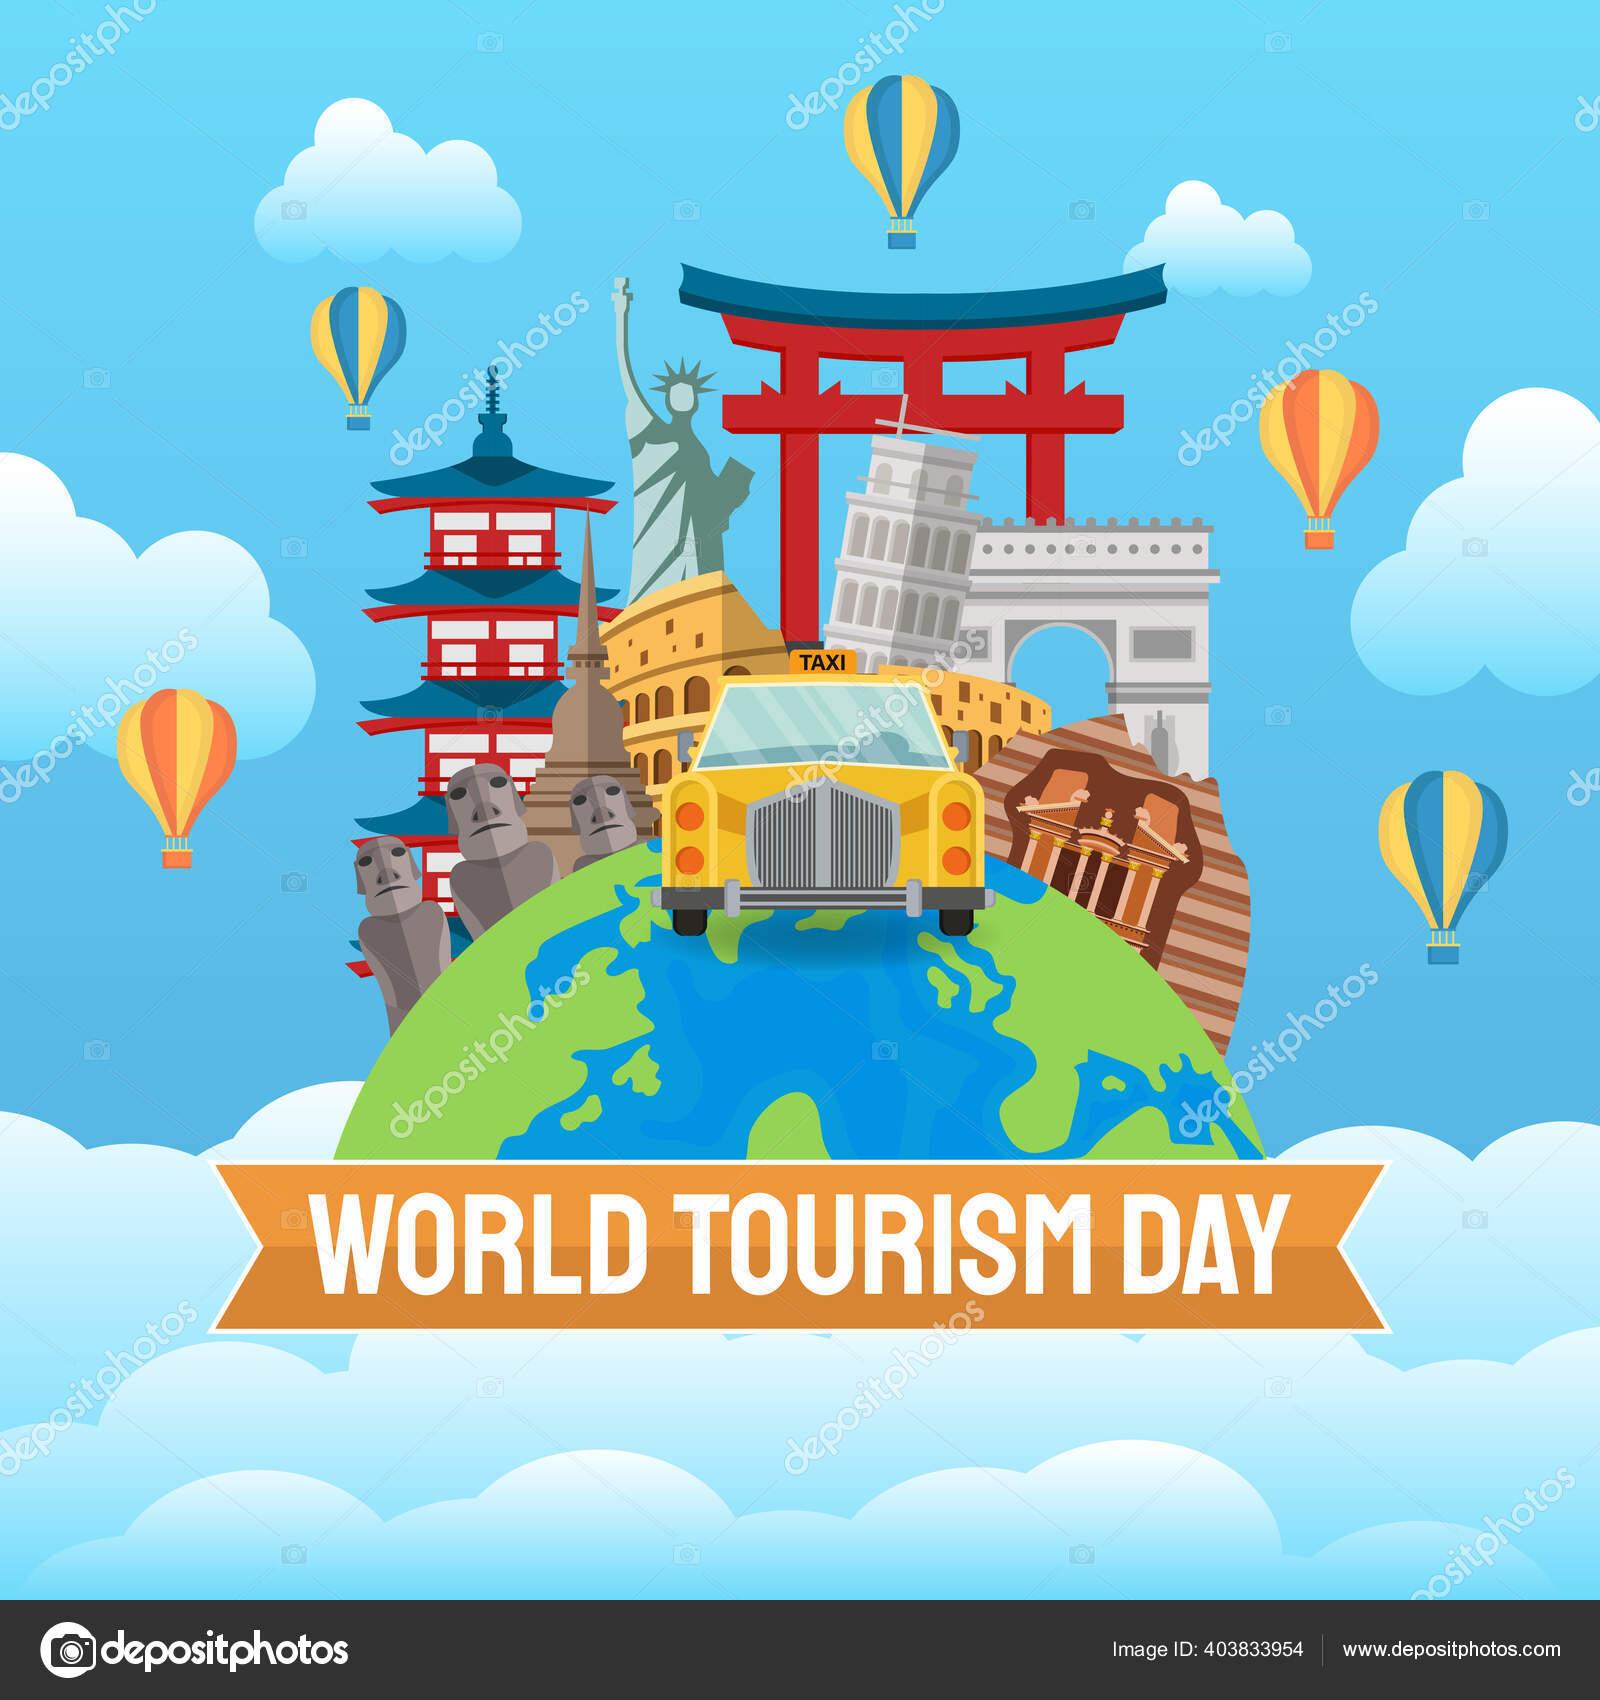 Ilustrasi Gambar Tangan Dari Konsep Hari Pariwisata Dunia